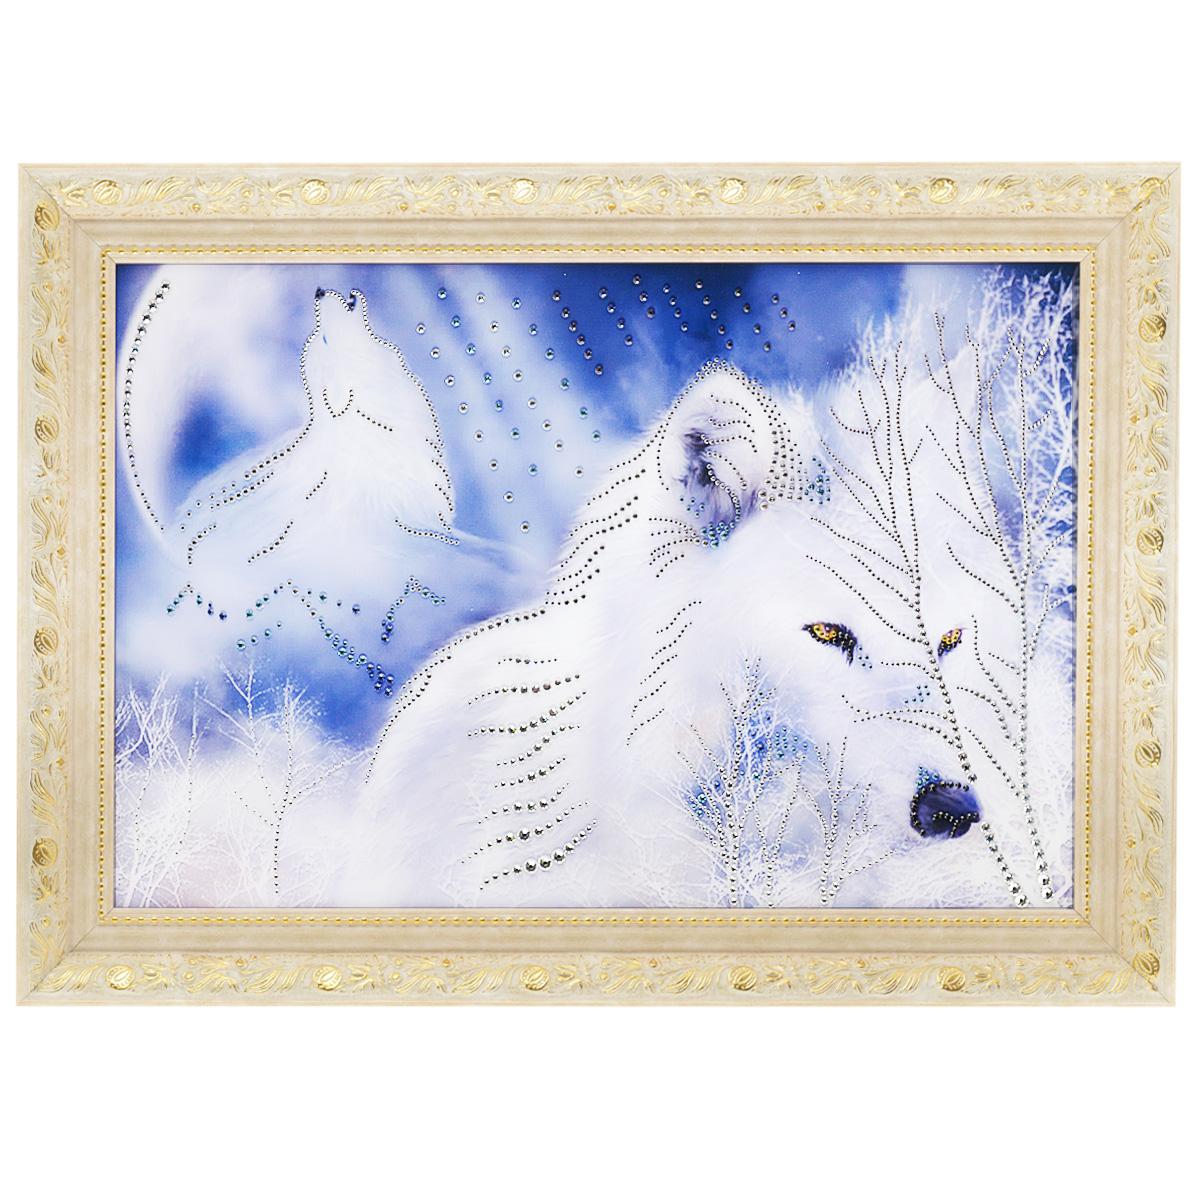 Картина с кристаллами Swarovski Белые волки, 70 см х 50 см1057Изящная картина в багетной раме, инкрустирована кристаллами Swarovski, которые отличаются четкой и ровной огранкой, ярким блеском и чистотой цвета. Красочное изображение белых волков, расположенное под стеклом, прекрасно дополняет блеск кристаллов. С обратной стороны имеется металлическая проволока для размещения картины на стене. Картина с кристаллами Swarovski Белые волки элегантно украсит интерьер дома или офиса, а также станет прекрасным подарком, который обязательно понравится получателю. Блеск кристаллов в интерьере, что может быть сказочнее и удивительнее. Картина упакована в подарочную картонную коробку красного цвета и комплектуется сертификатом соответствия Swarovski.